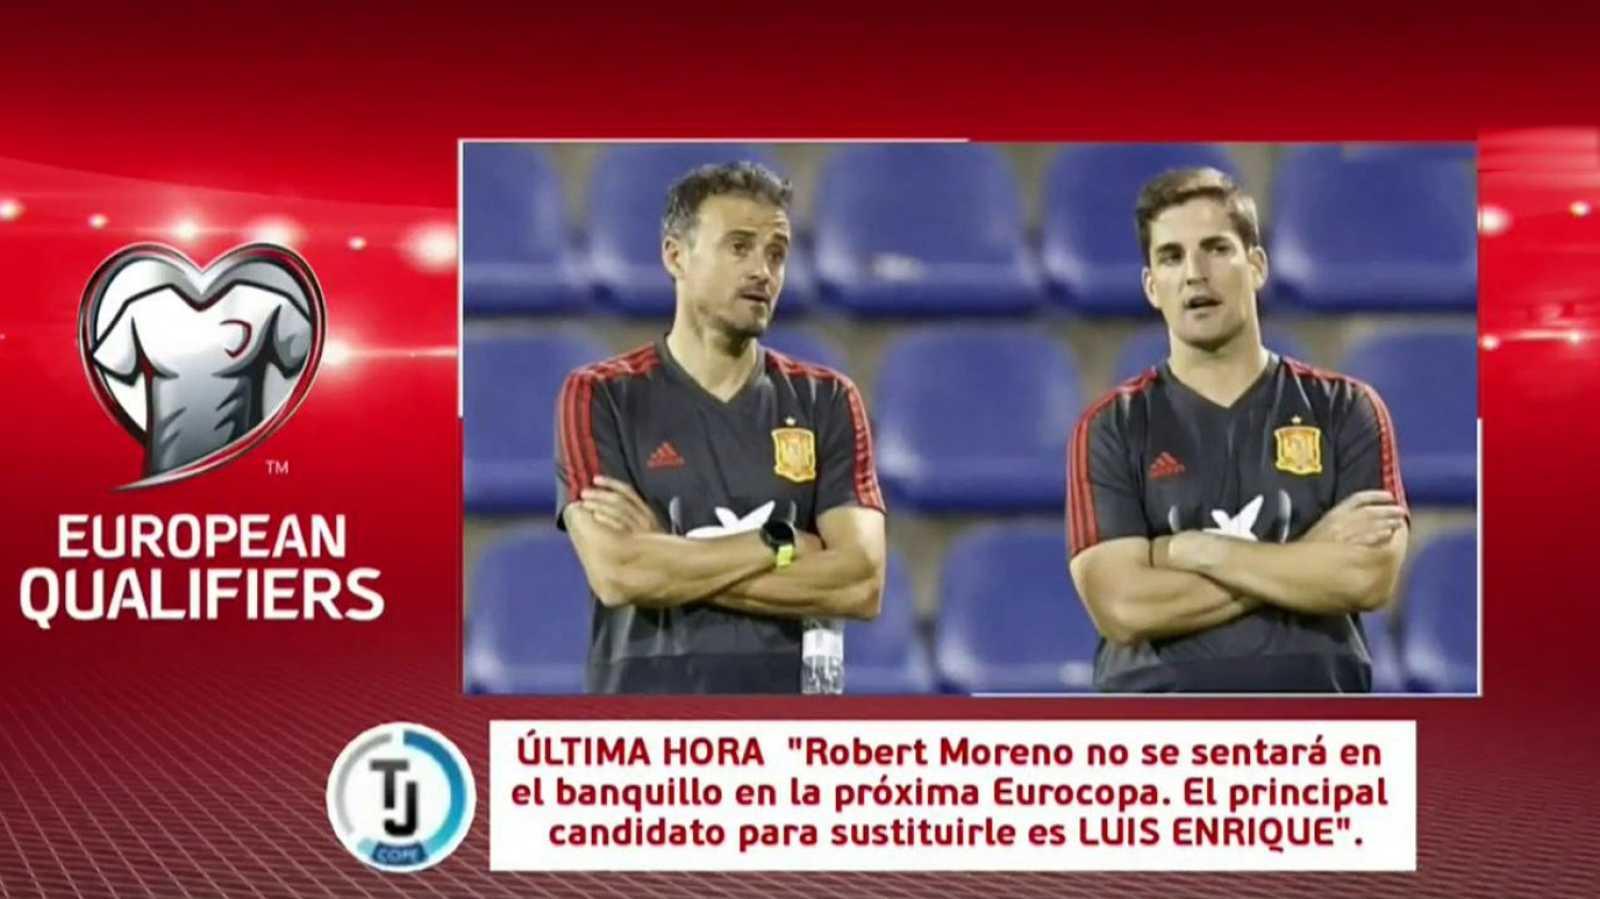 Fútbol - Programa Clasificación Eurocopa 2020 Previo: España - Rumanía - ver ahora